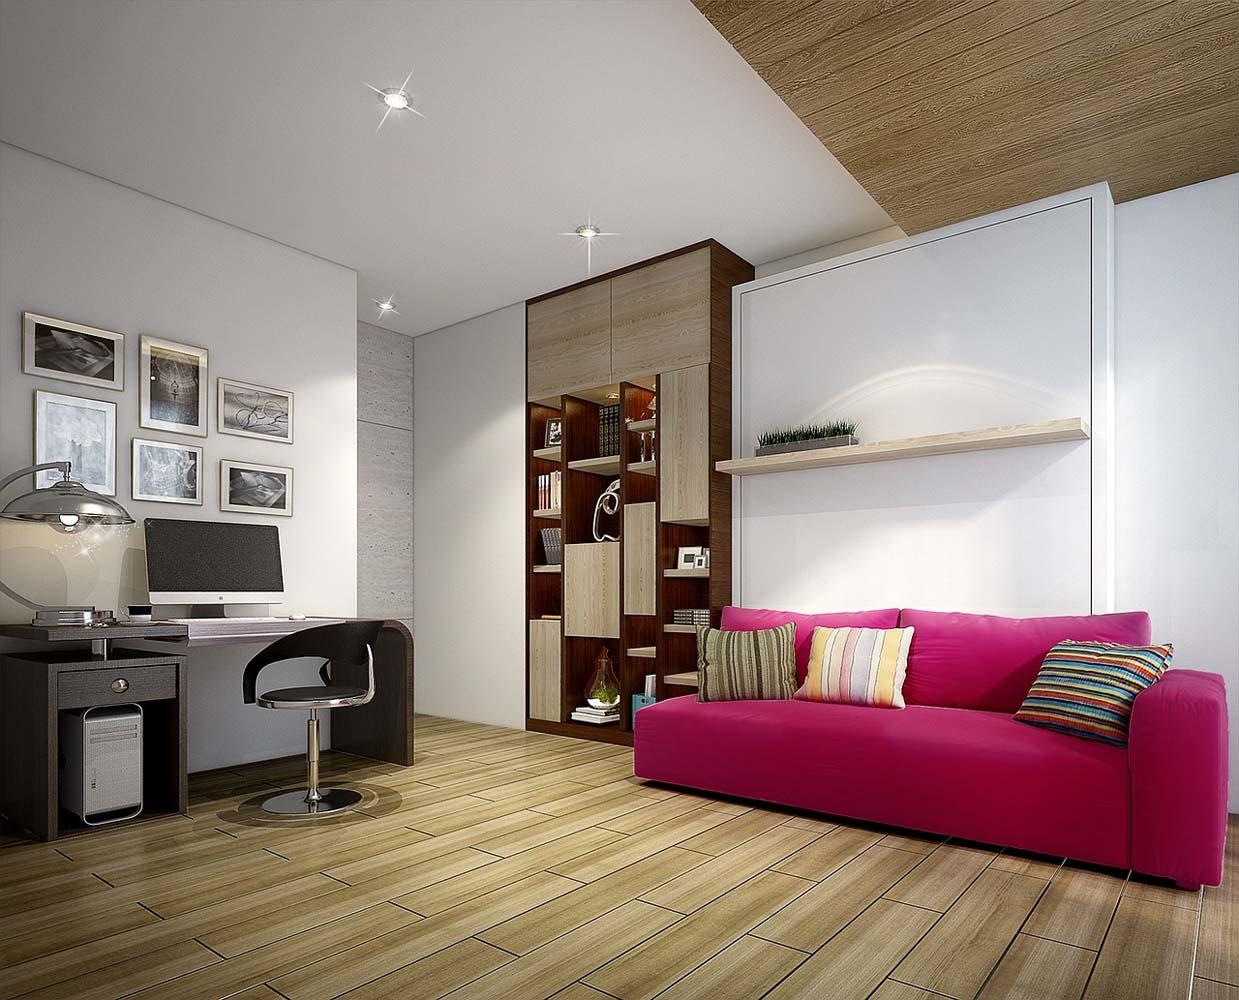 Малиновый диван в интерьере